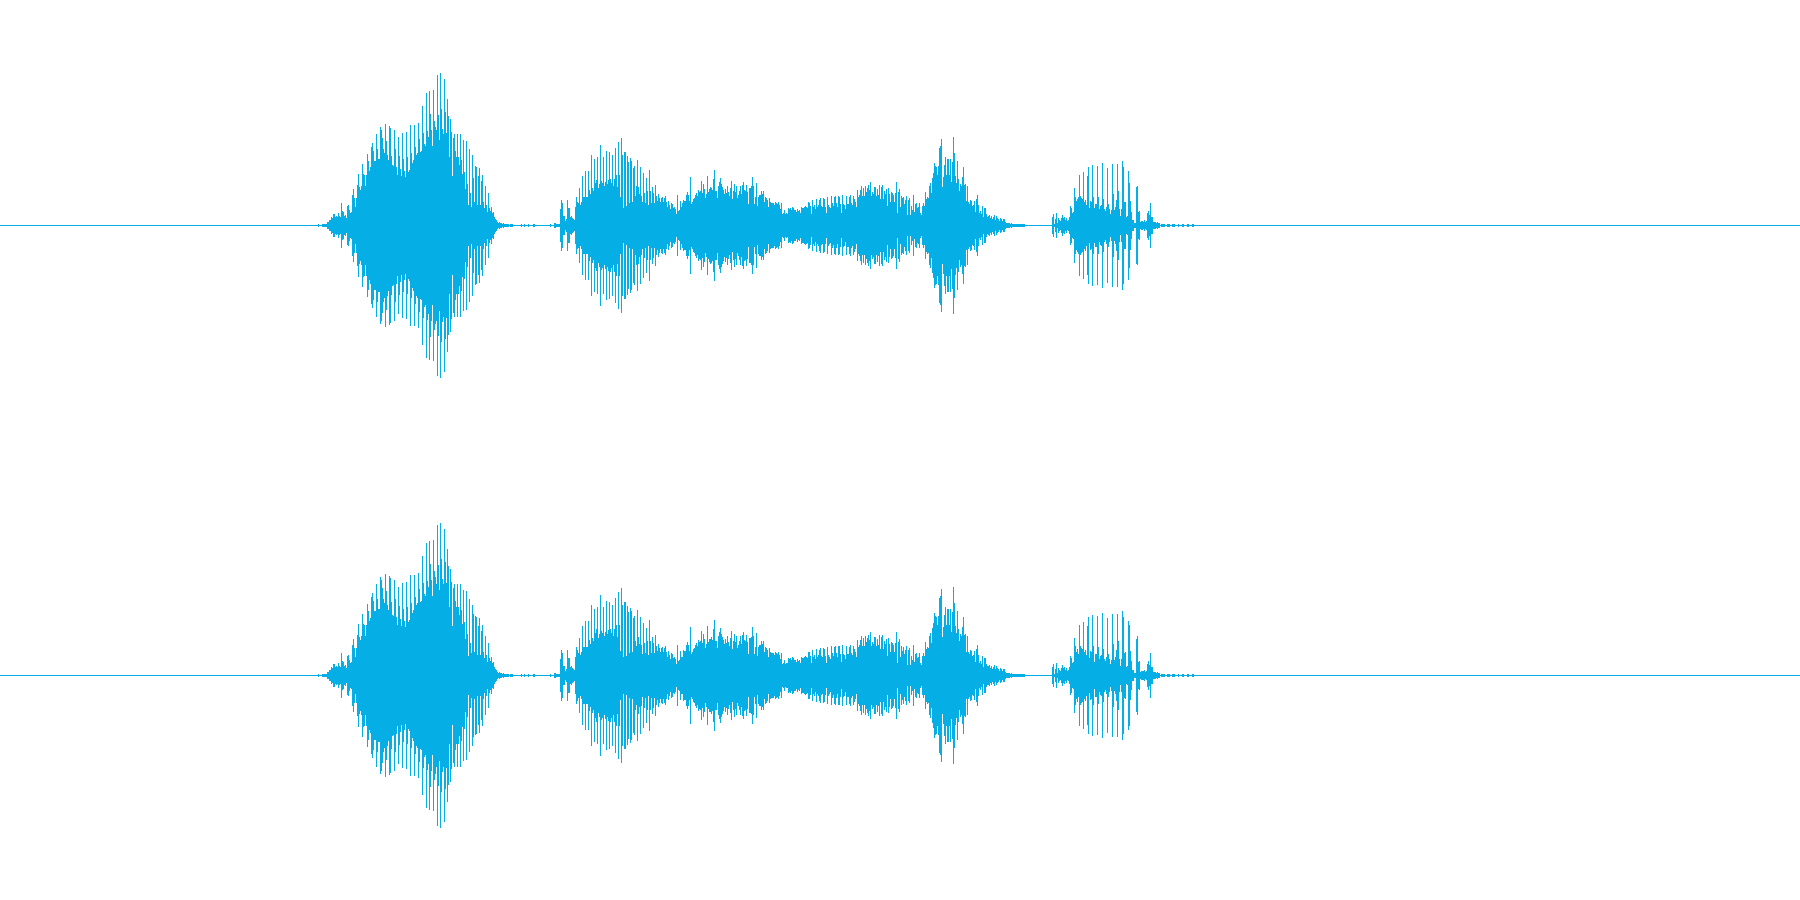 【システム】了解しましたの再生済みの波形